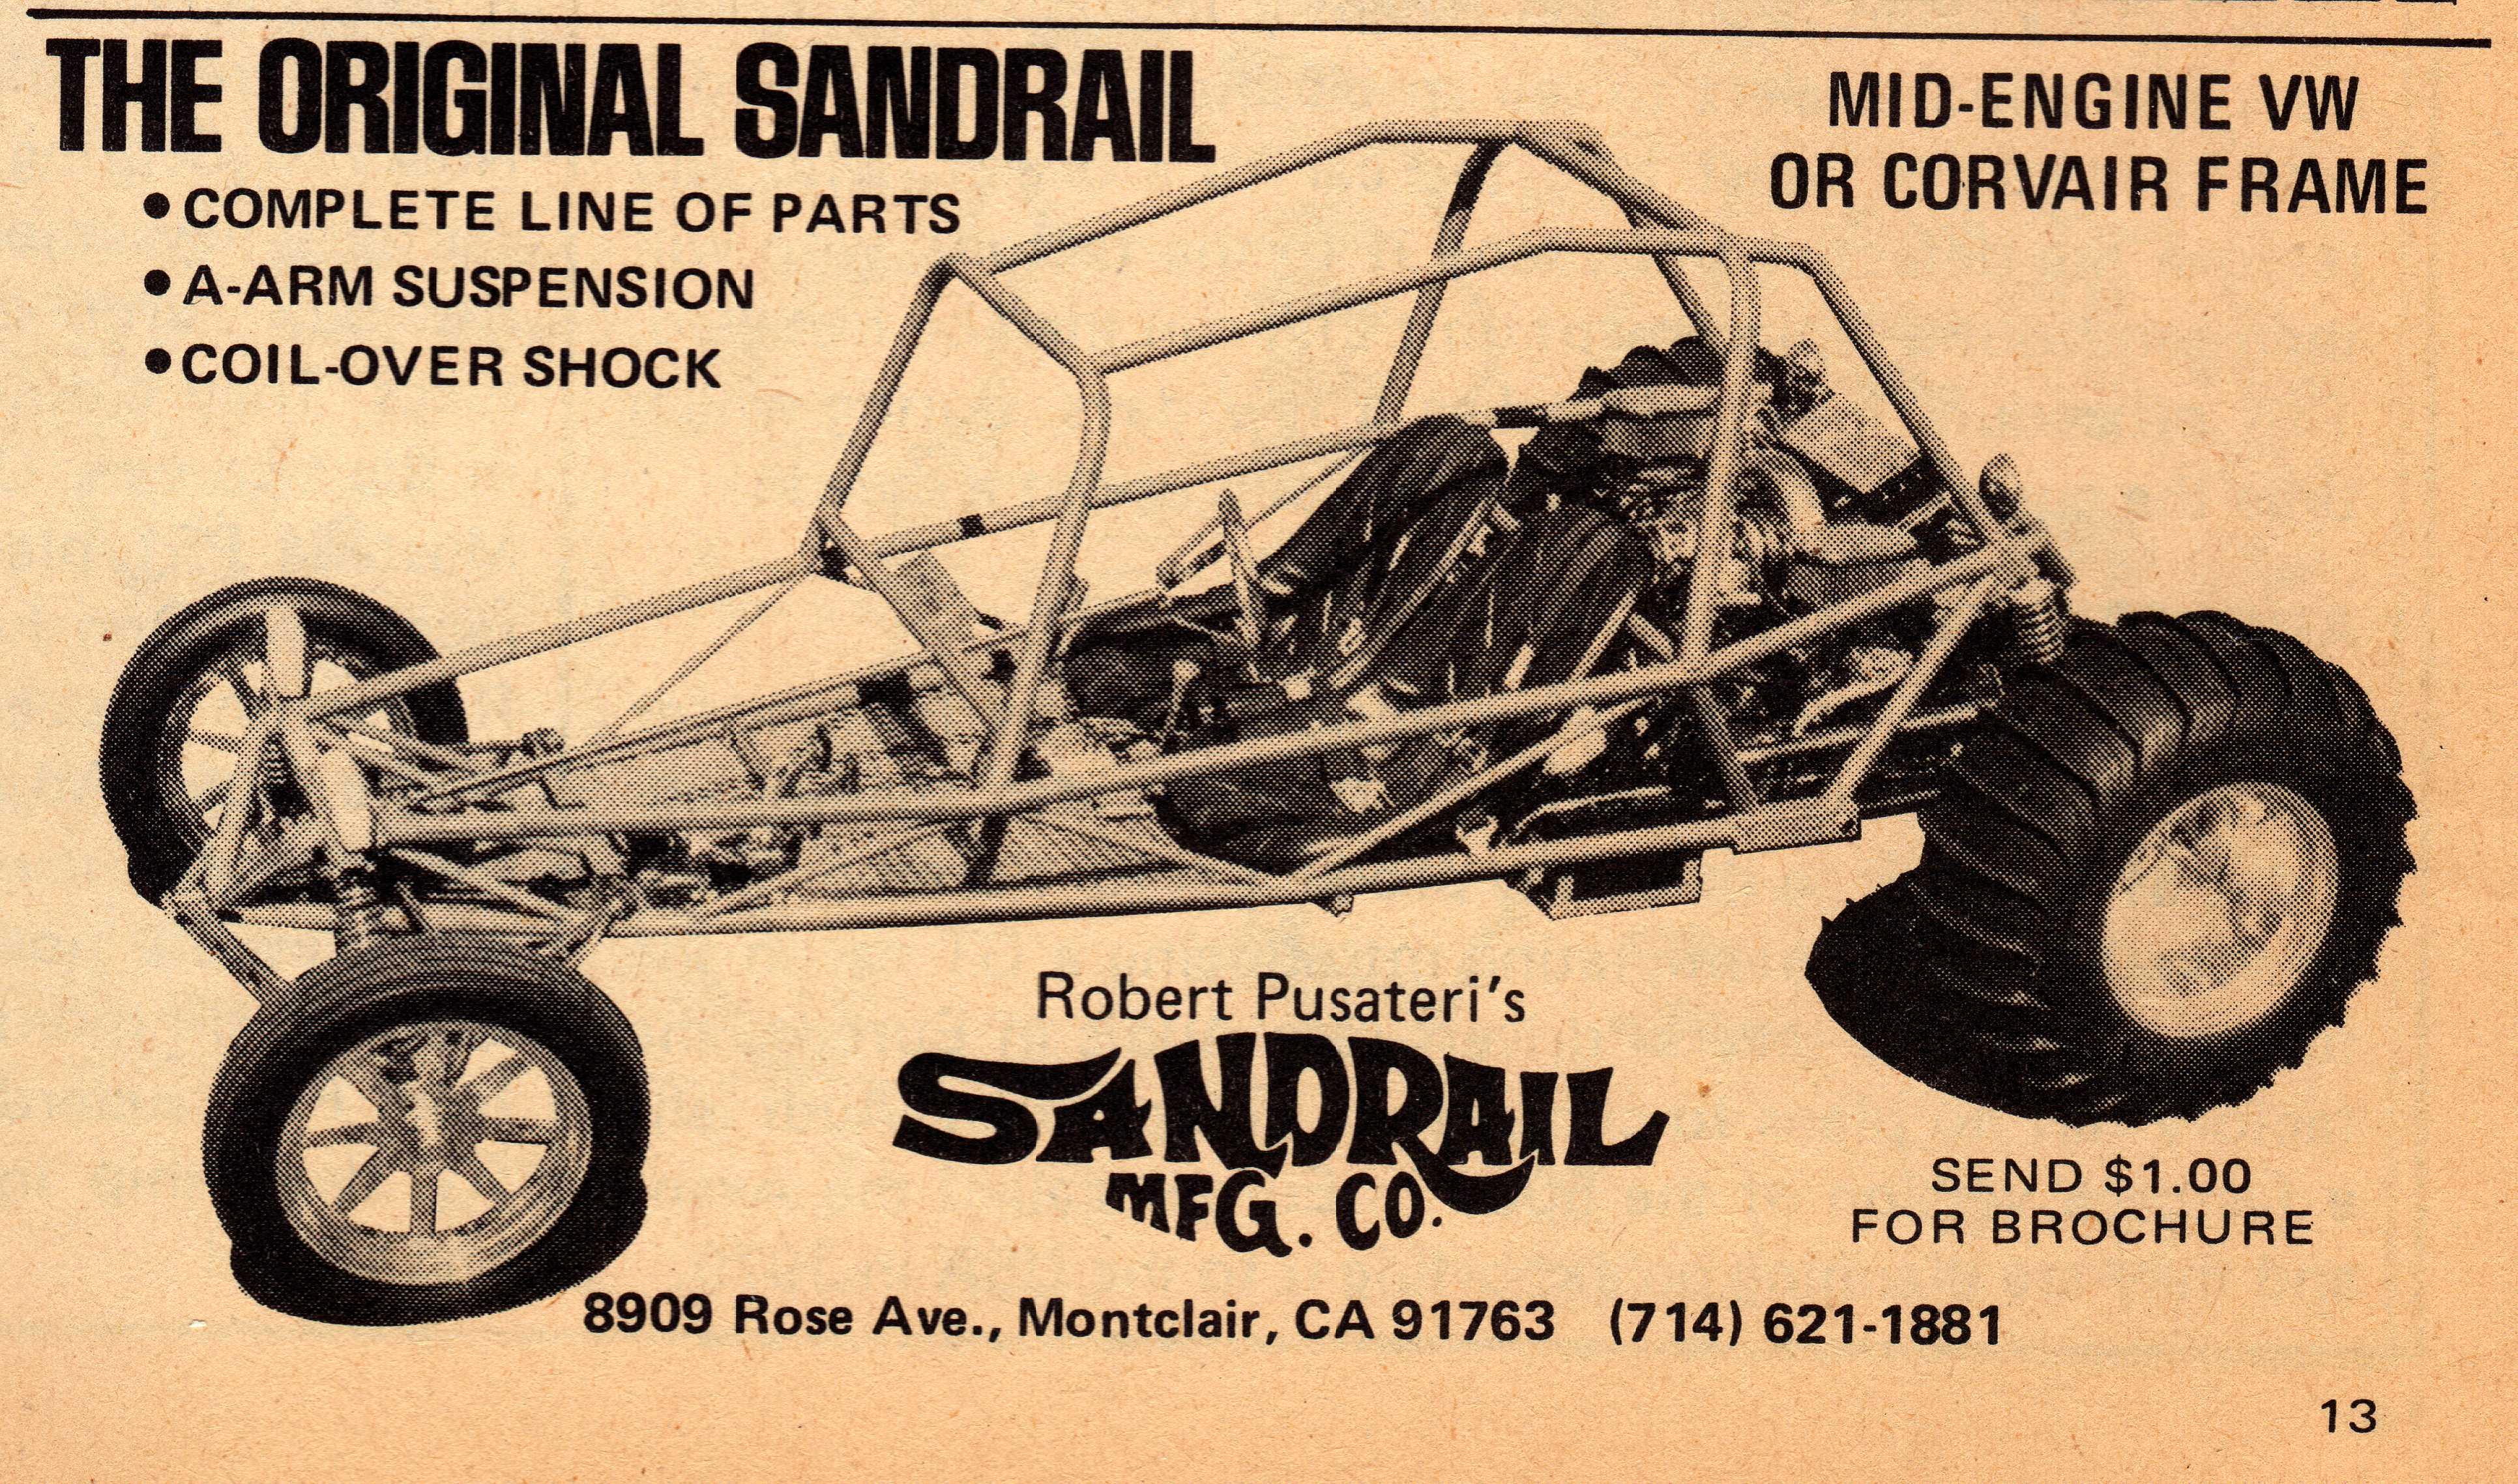 Sandrail - Wikipedia